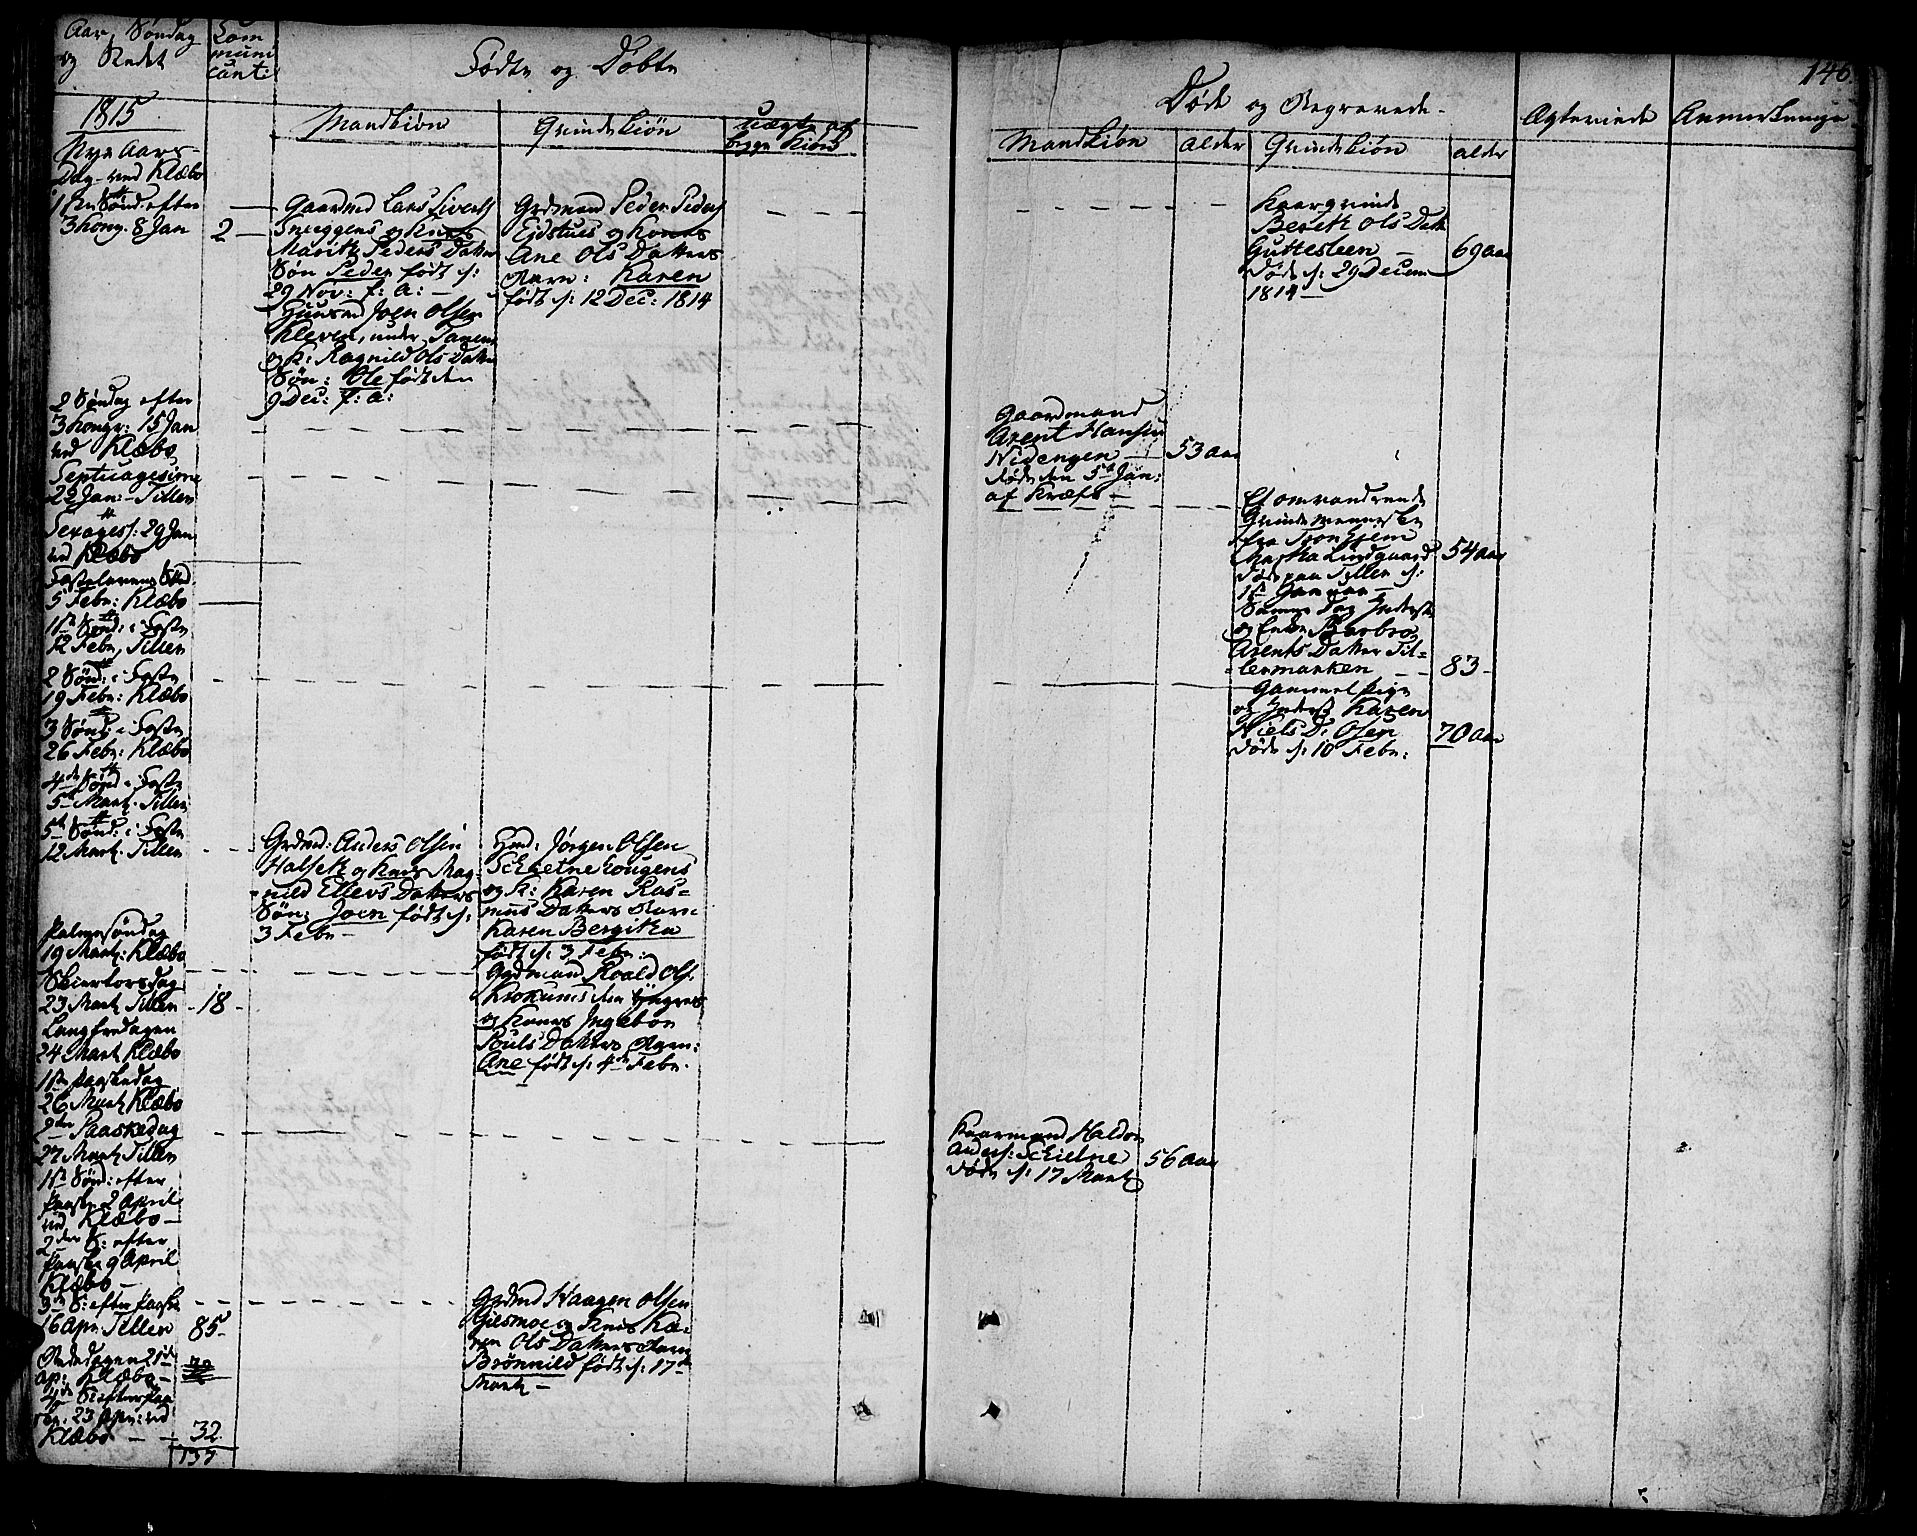 SAT, Ministerialprotokoller, klokkerbøker og fødselsregistre - Sør-Trøndelag, 618/L0438: Ministerialbok nr. 618A03, 1783-1815, s. 146